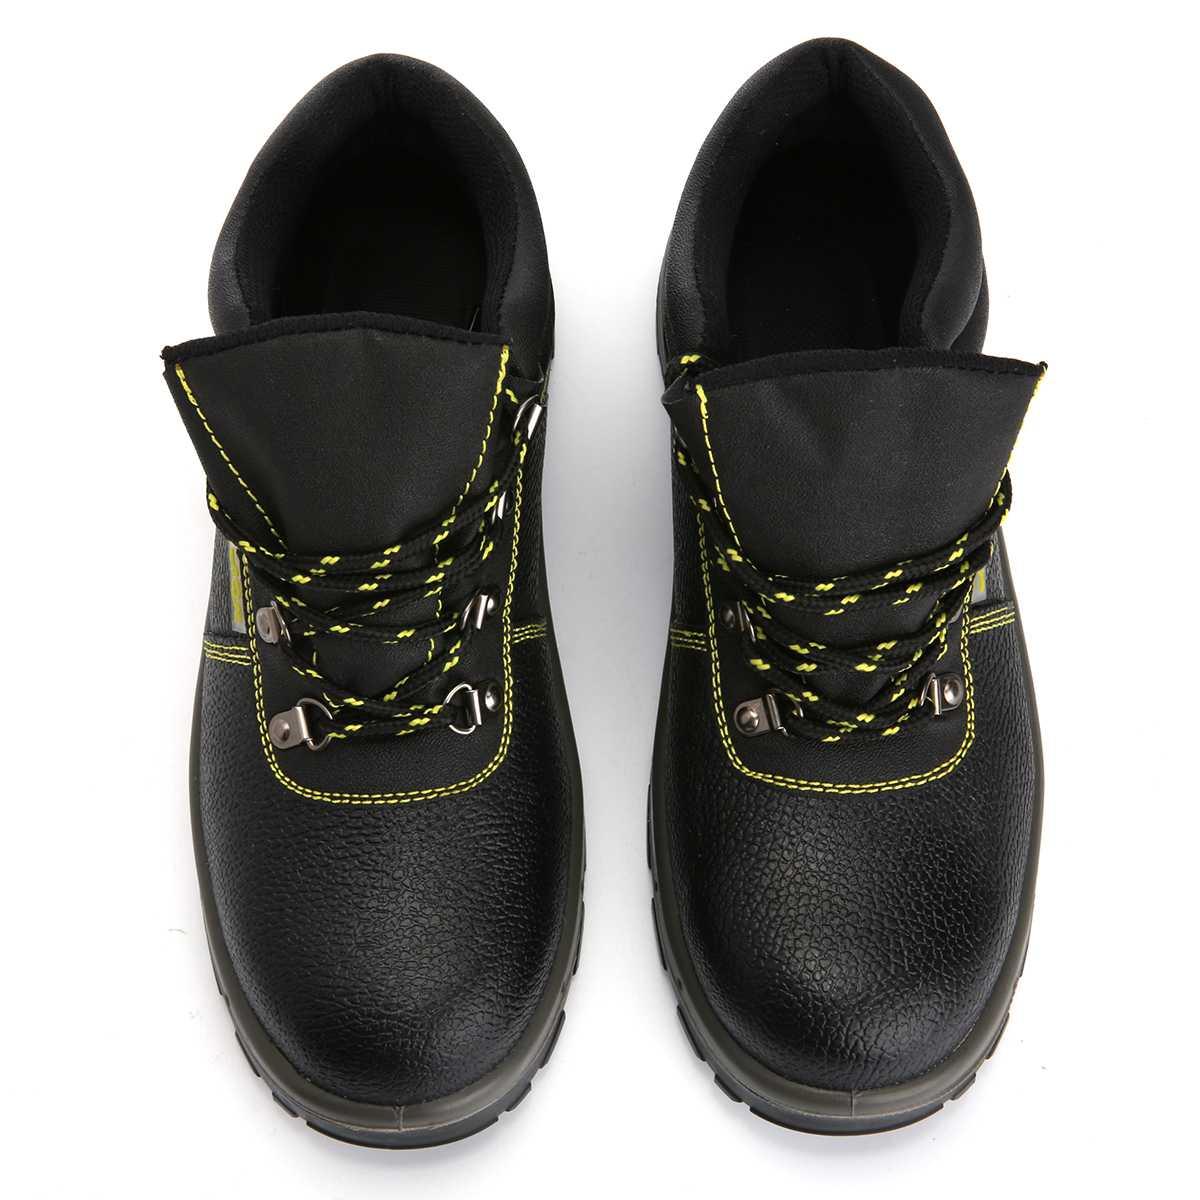 Biqueira De Segurança Caça Homens Nis esmagamento Soldagem Couro Desporto Botas Ankle Anti Aço Pu Novo Sapatos Atrego Trabalho Caminhadas Com Boots 8BcqqSwX5x